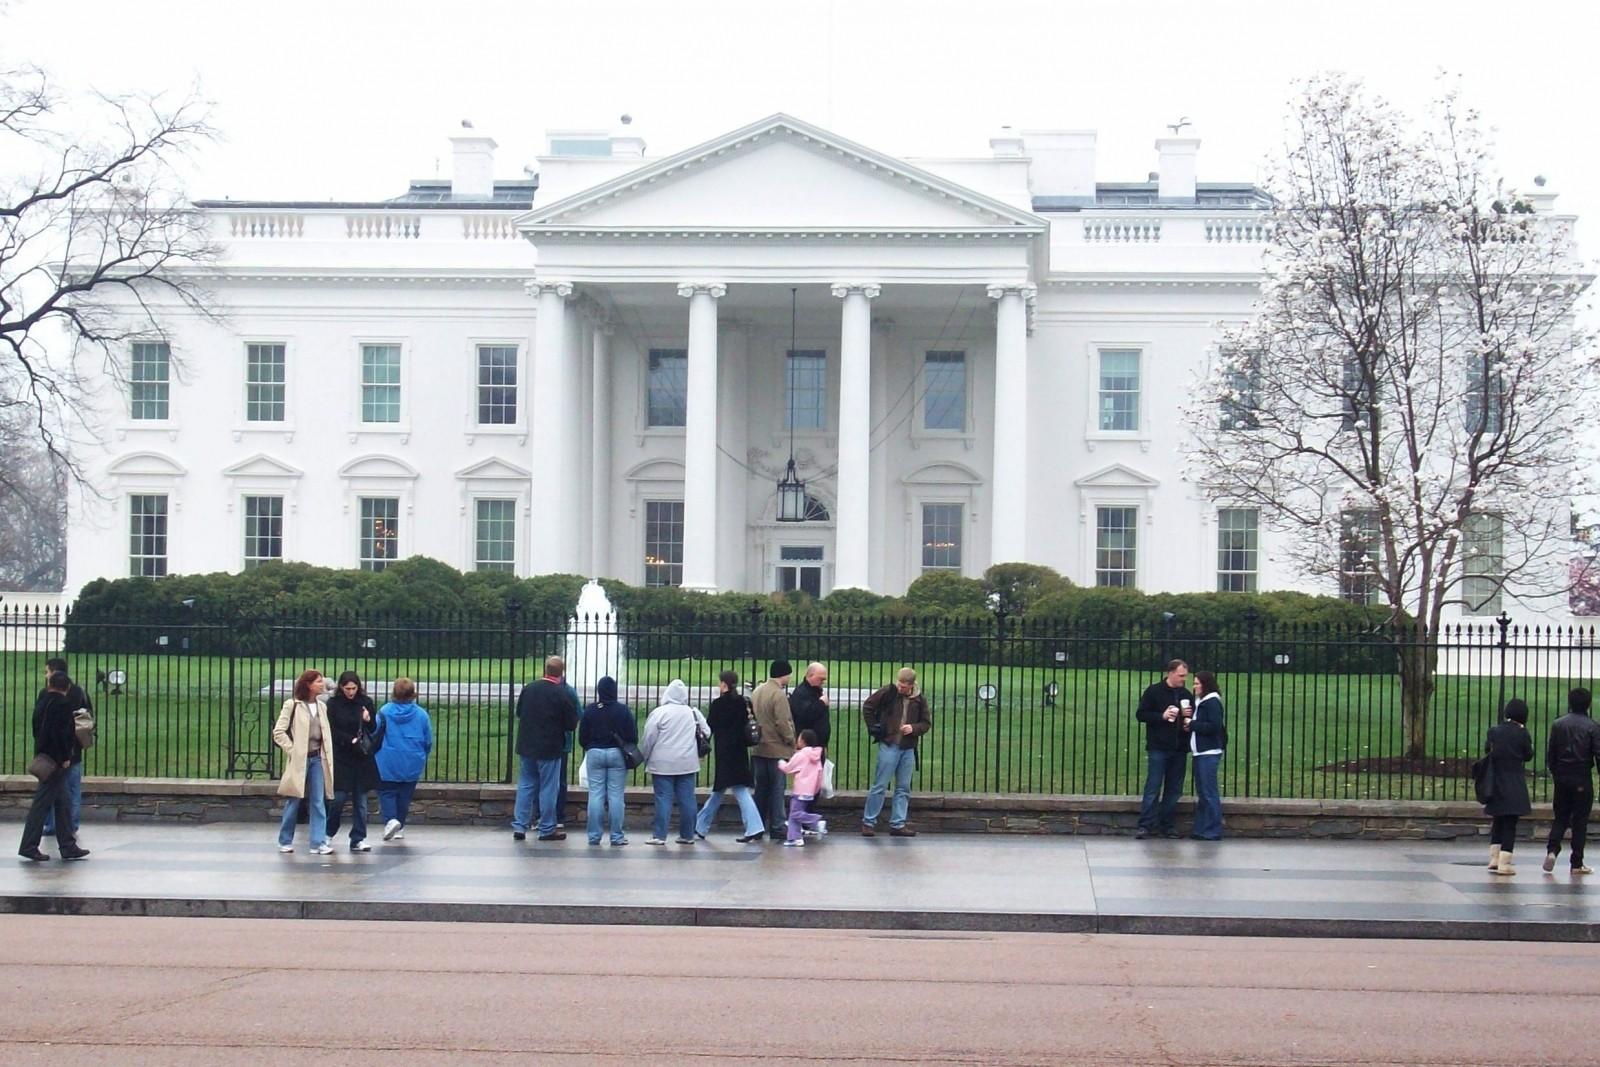 the White House - 1600 Pennsylvania Avenue Washington, DC